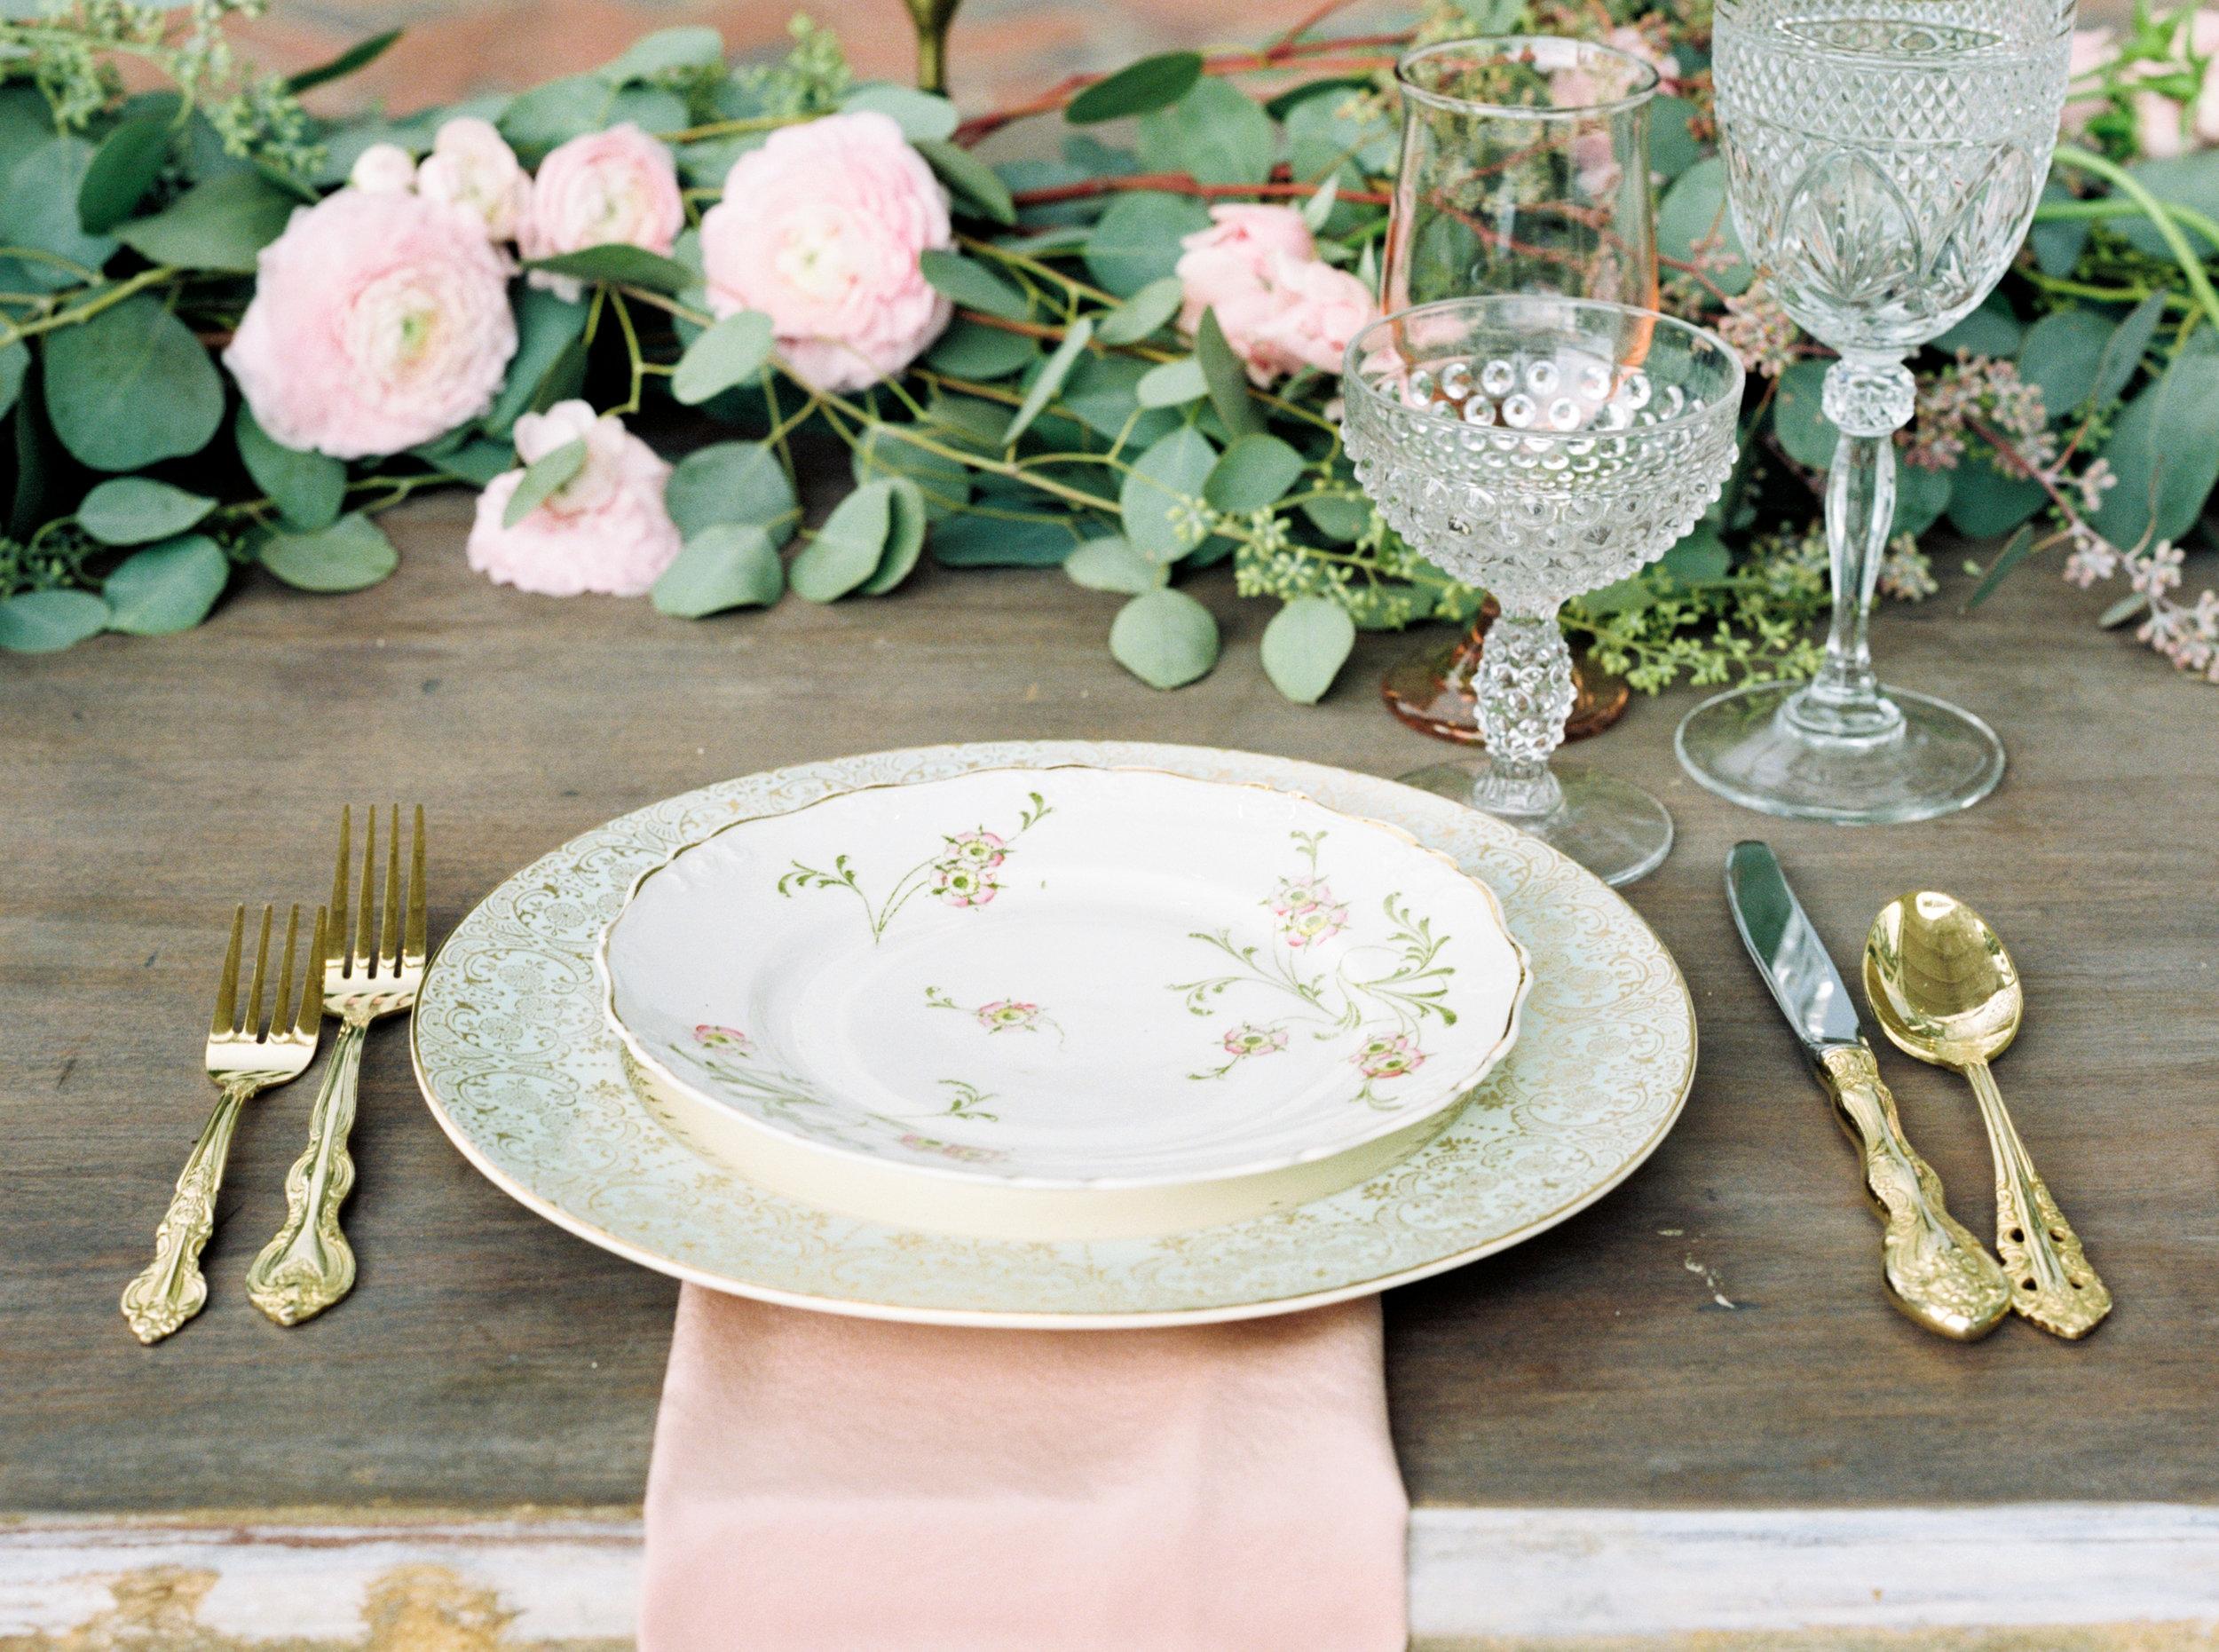 cypress grove estate house orlando florida wedding photos, table scape and centerpiece